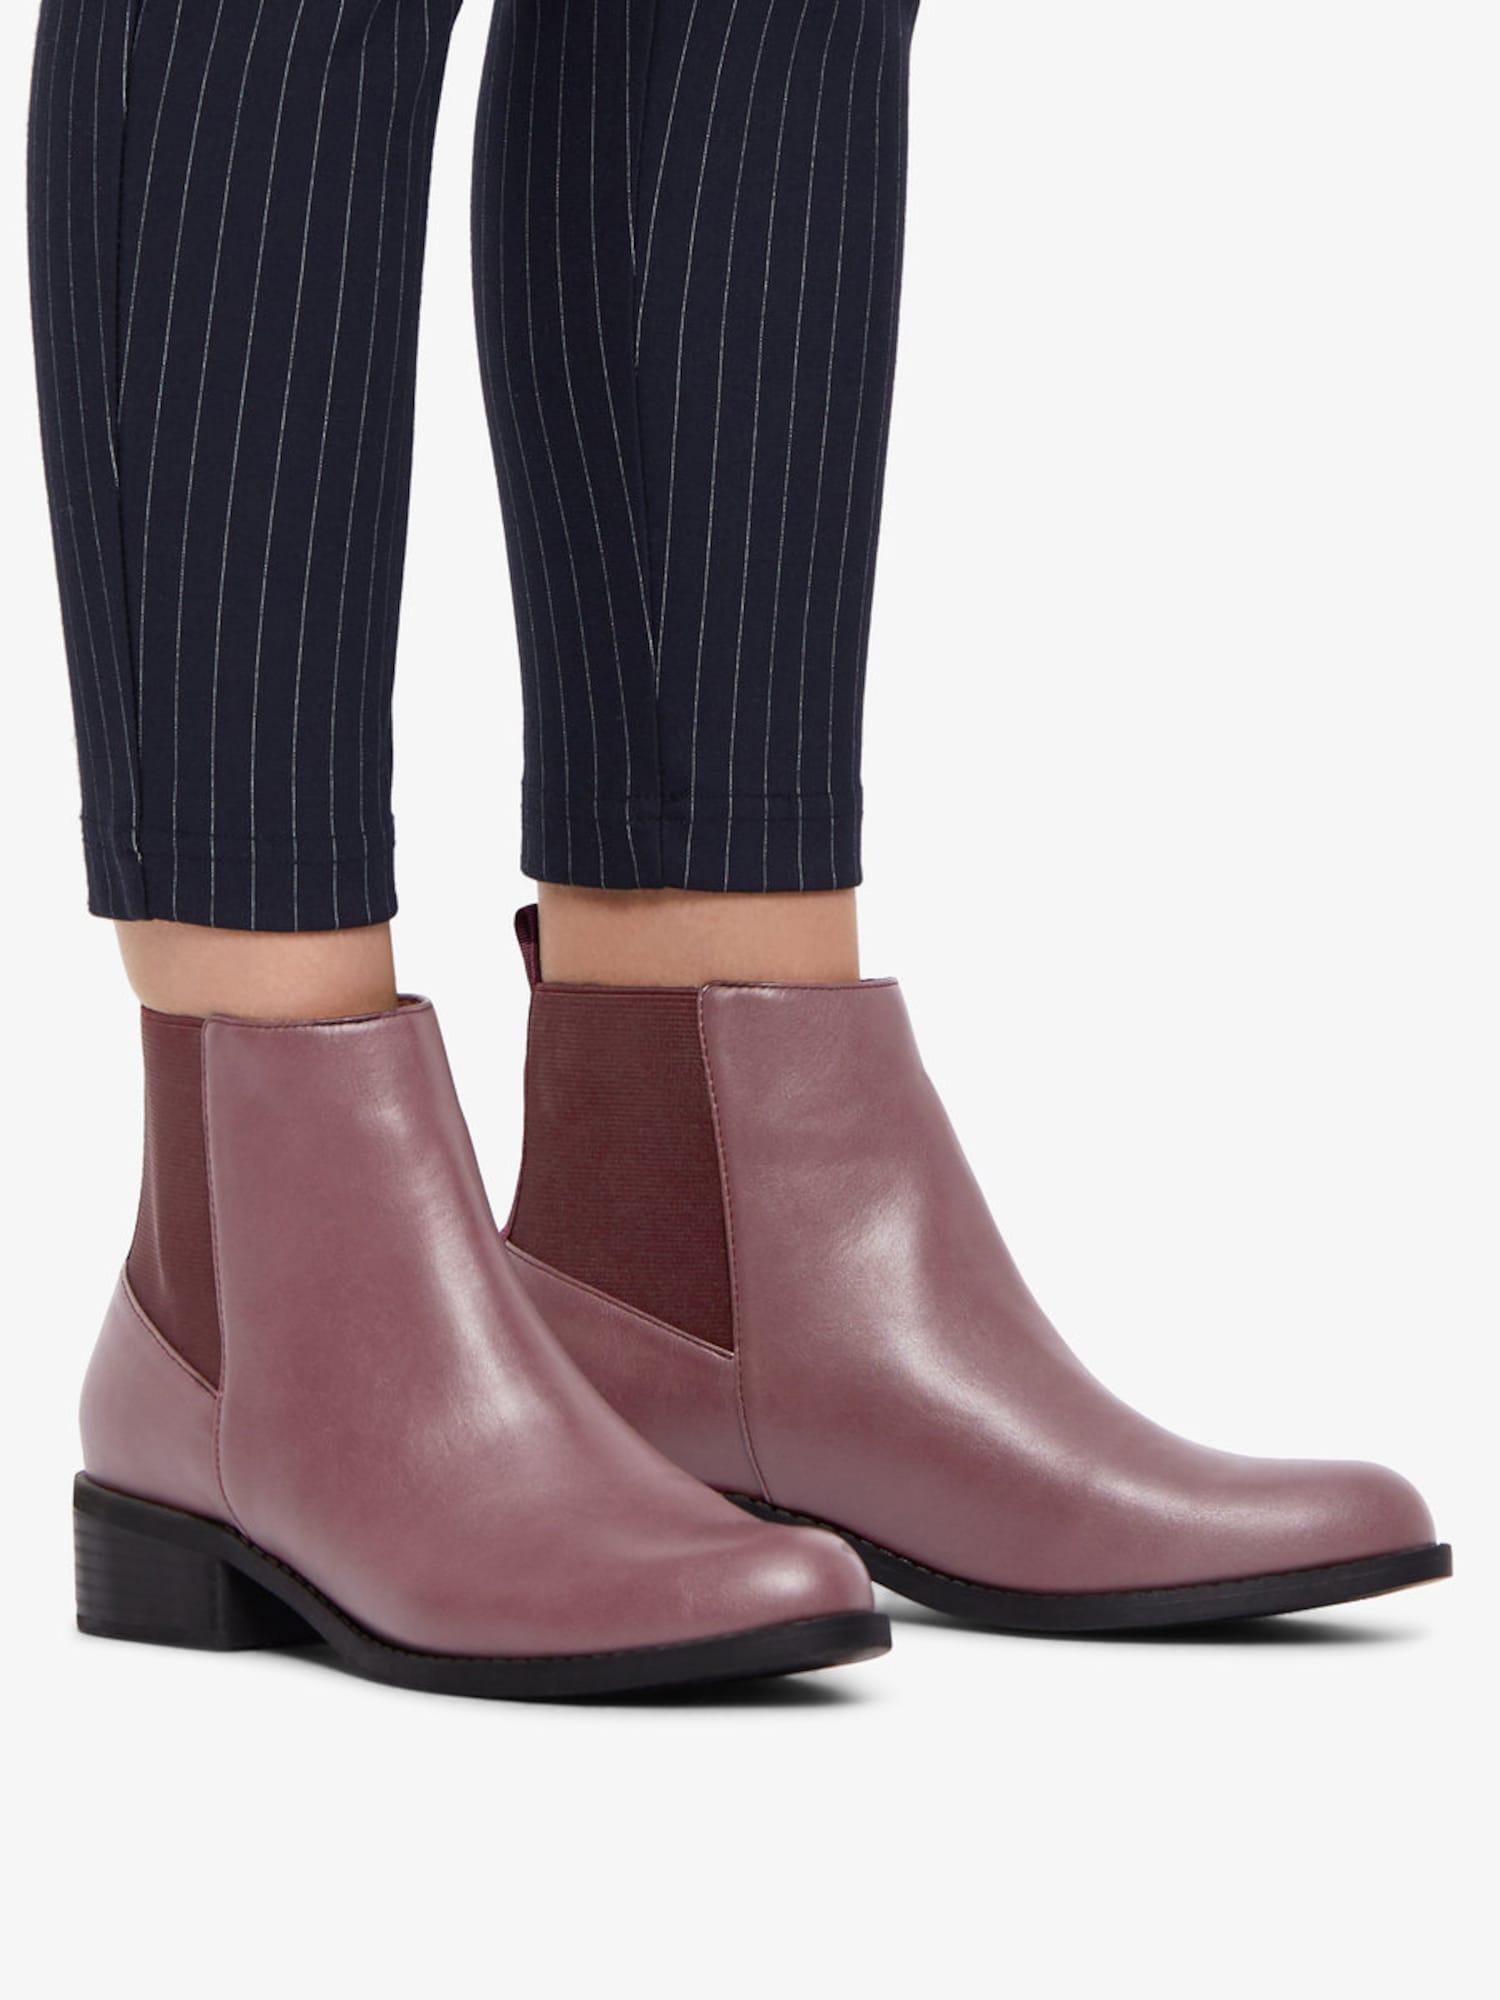 Bianco, Damen Chelsea boots, bessen / framboos